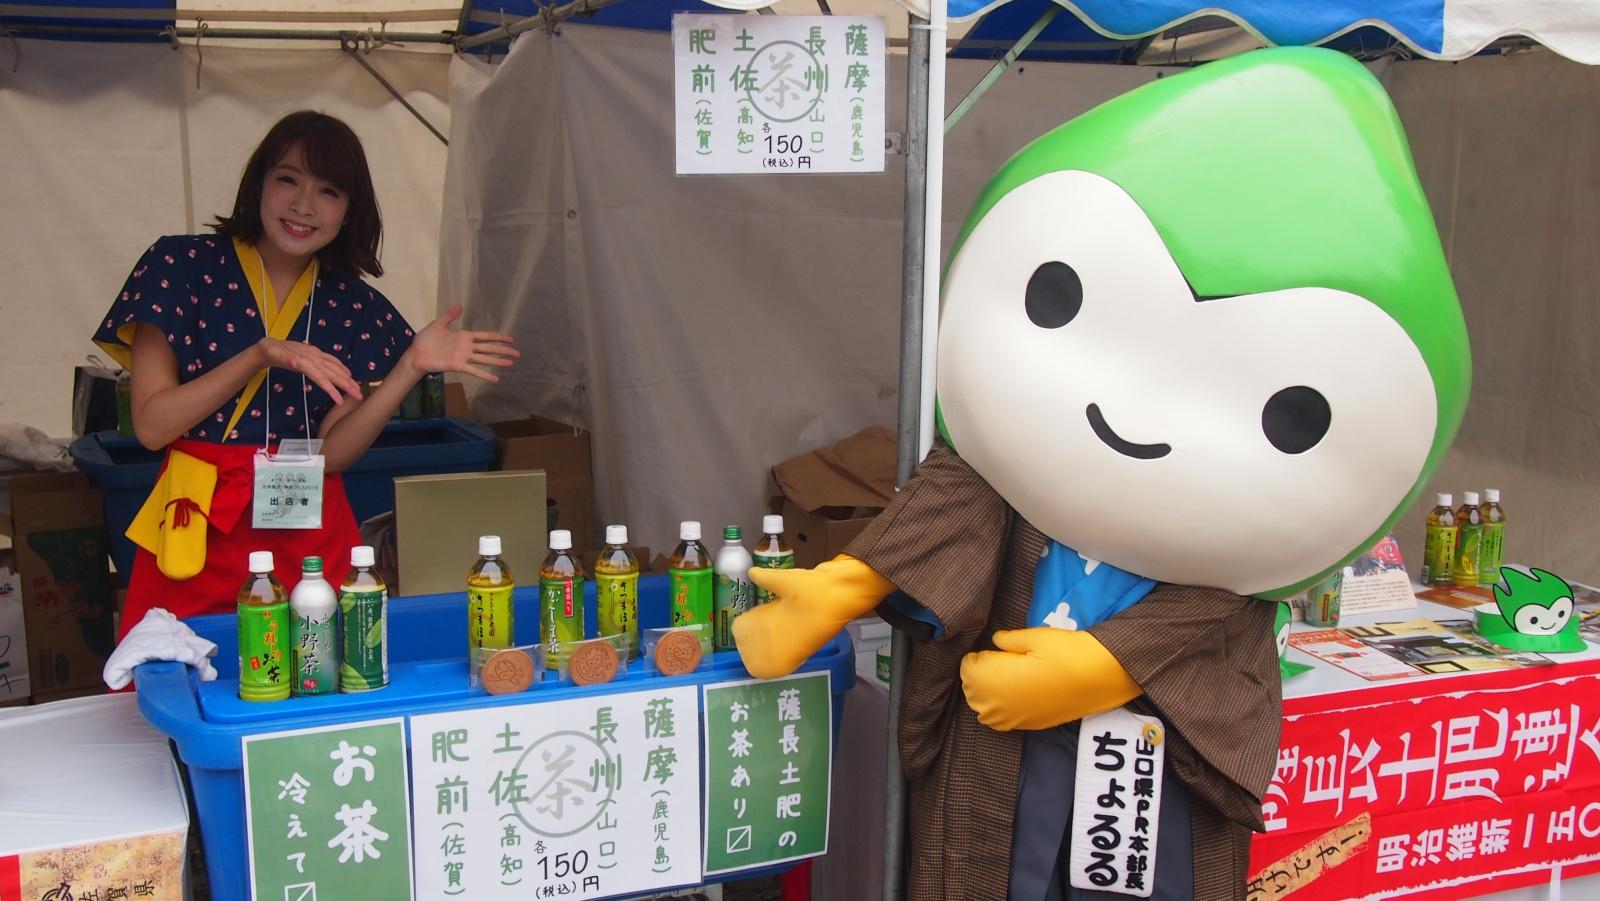 4県集結☆彡「平成の薩長土肥連合」がぶち盛り上がっちょるる!!